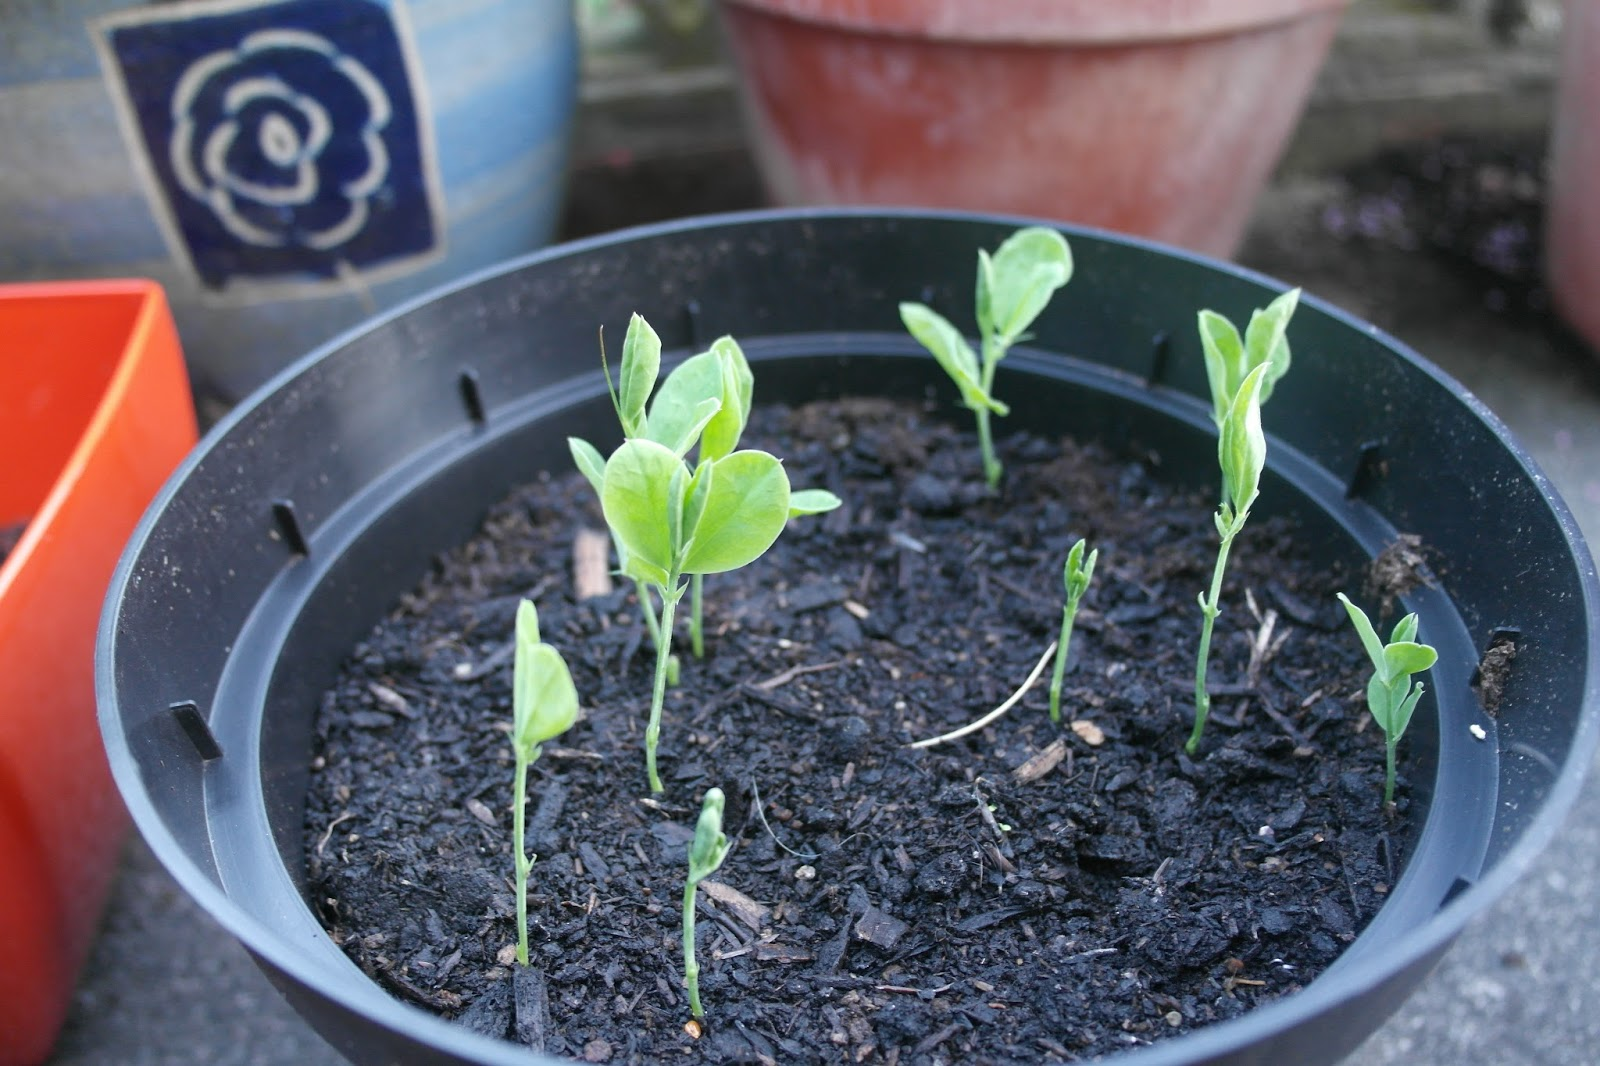 Sweetpea seeds